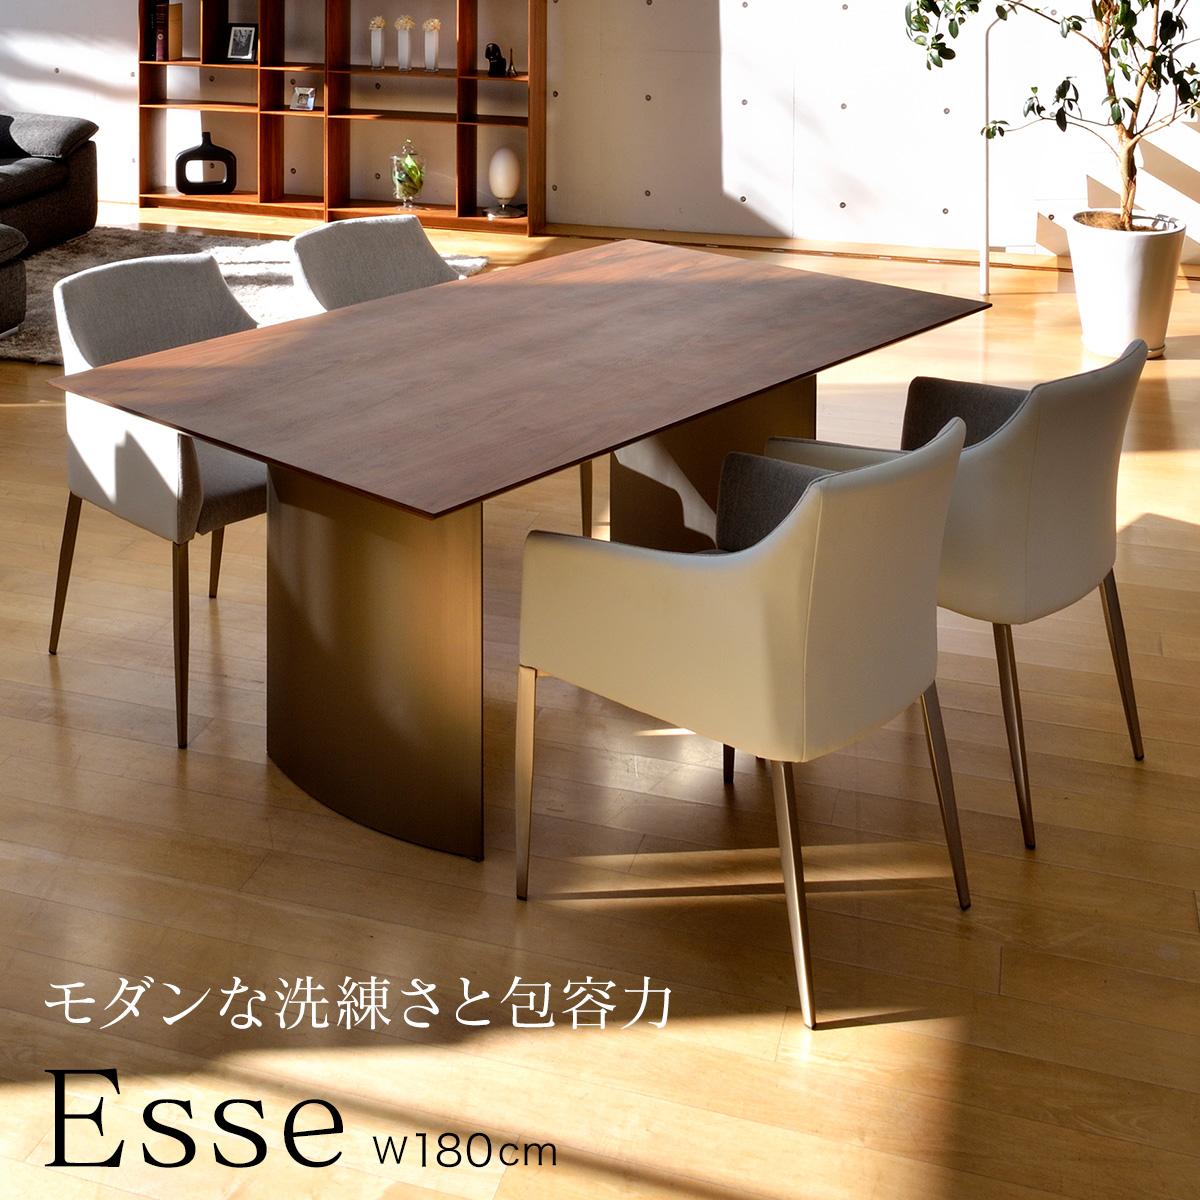 ダイニングテーブル『Esse(エッセ)』 6人掛け 幅180cm ダイニングテーブル ダイニング テーブル 食卓 食卓テーブル シンプル インテリア 家具 北欧 モダン 新生活